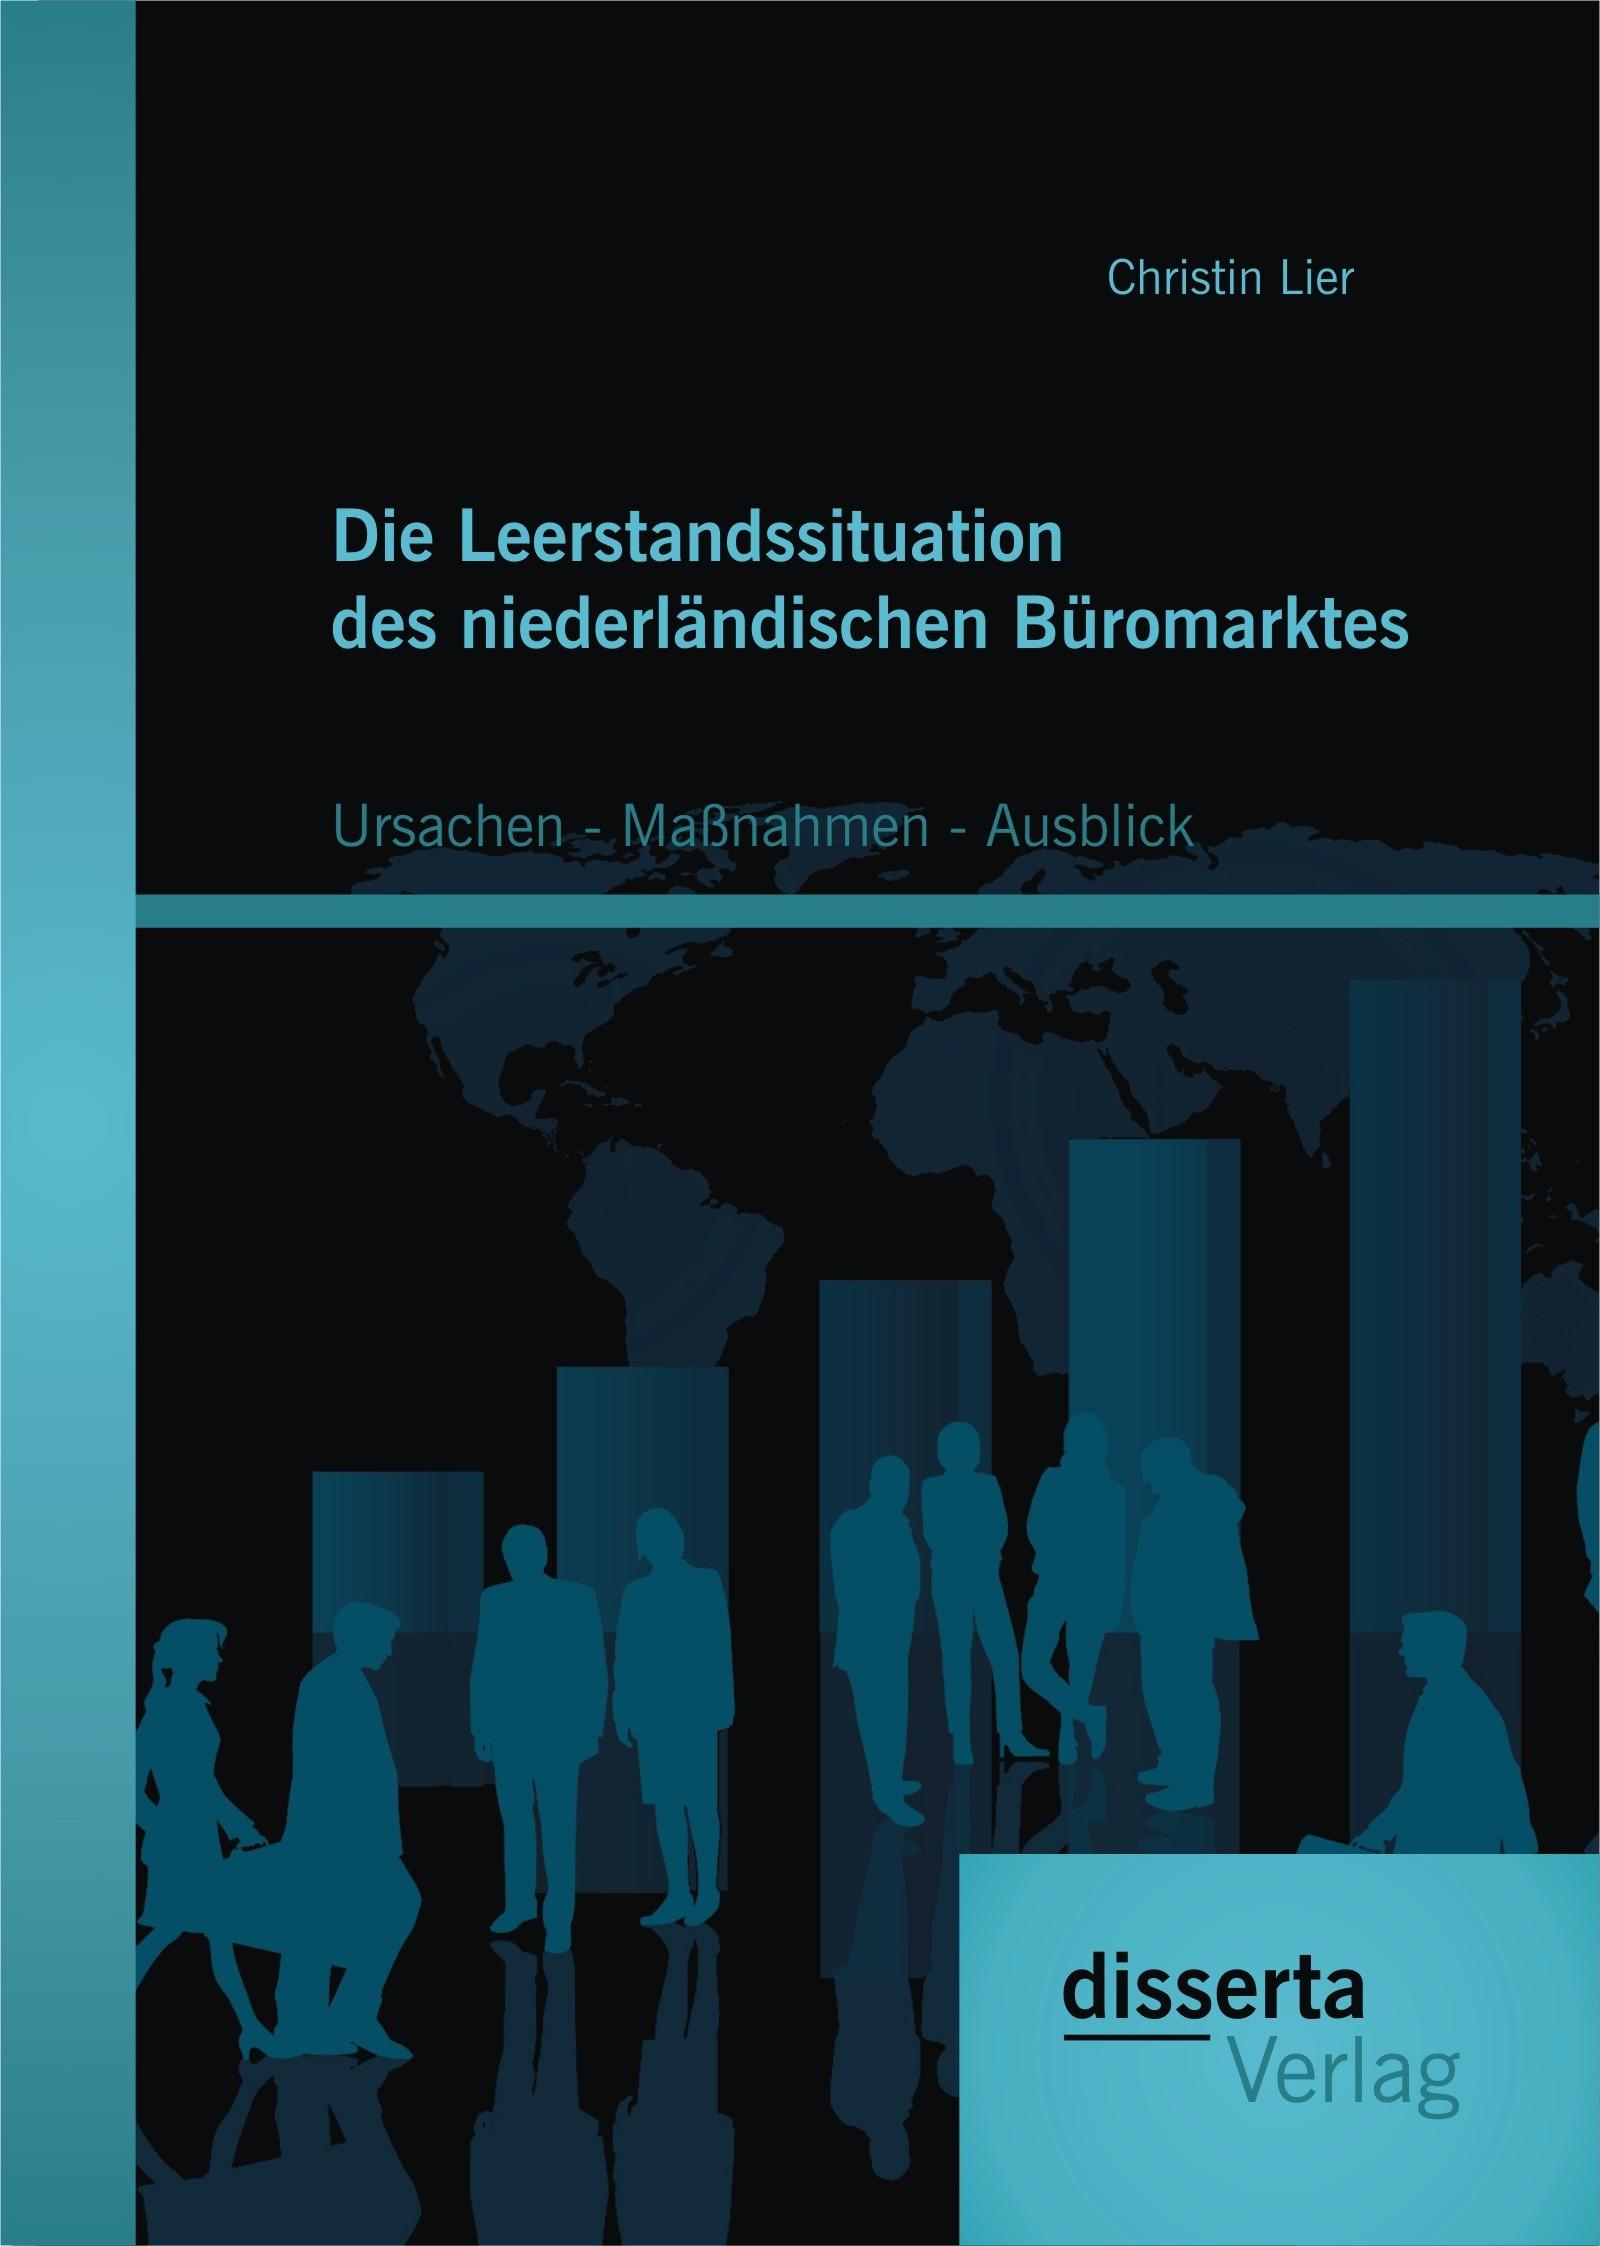 Die Leerstandssituation des niederländischen Büromarktes: Ursachen – Maßnahmen - Ausblick | Lier | Erstauflage, 2015 | Buch (Cover)